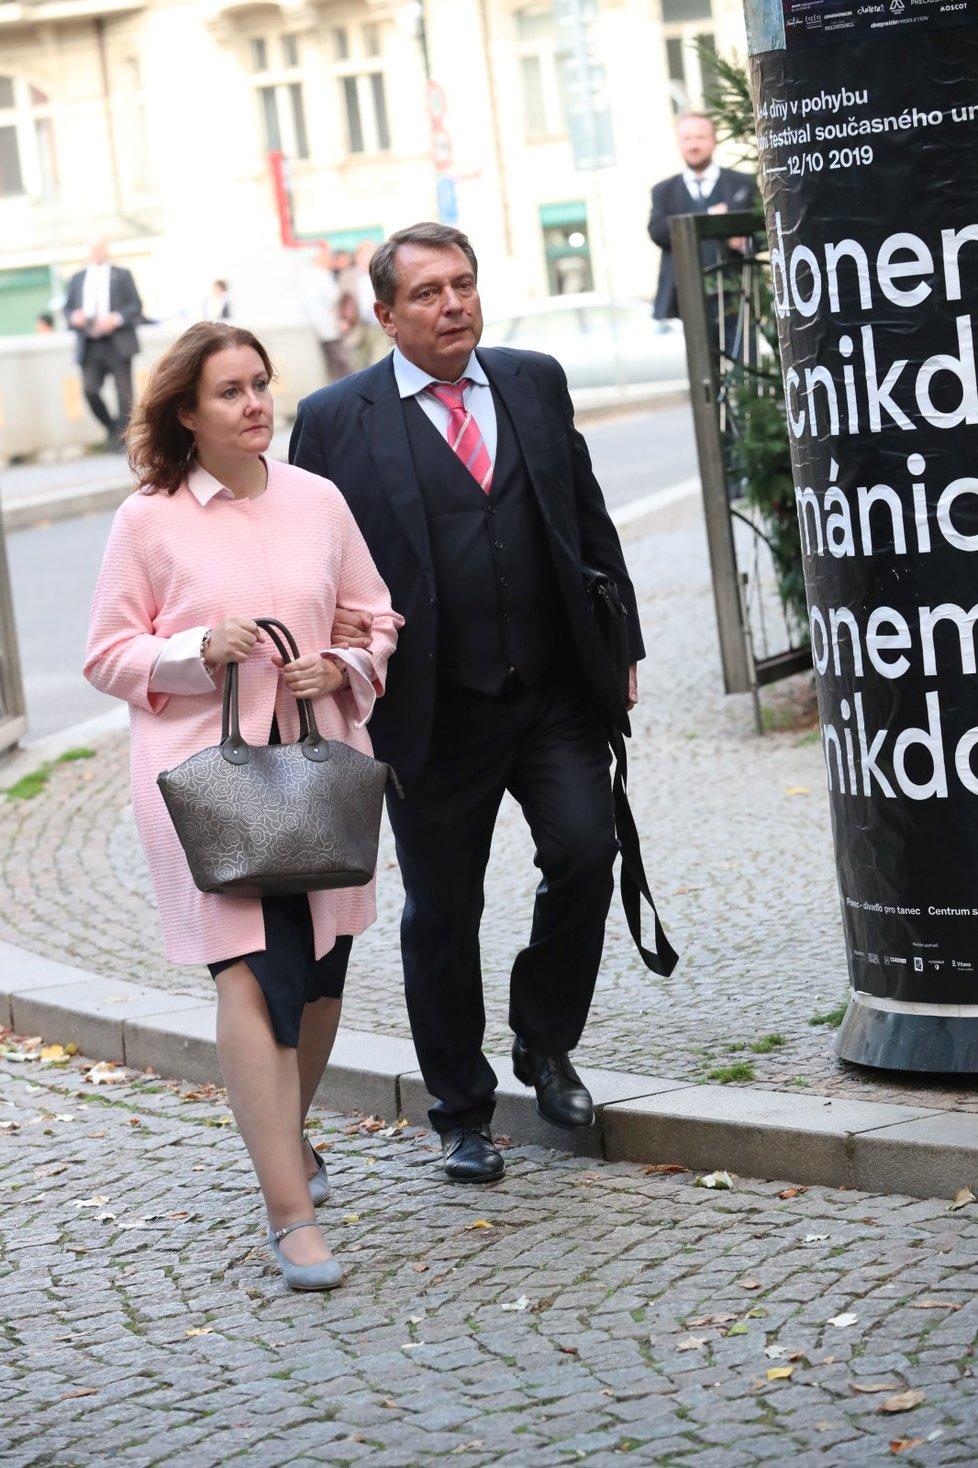 Expremiér za ČSSD Jiří Paroubek během příchodu na recepci pořádanou čínskou ambasádou v pražském paláci Žofín (25. 9. 2019)